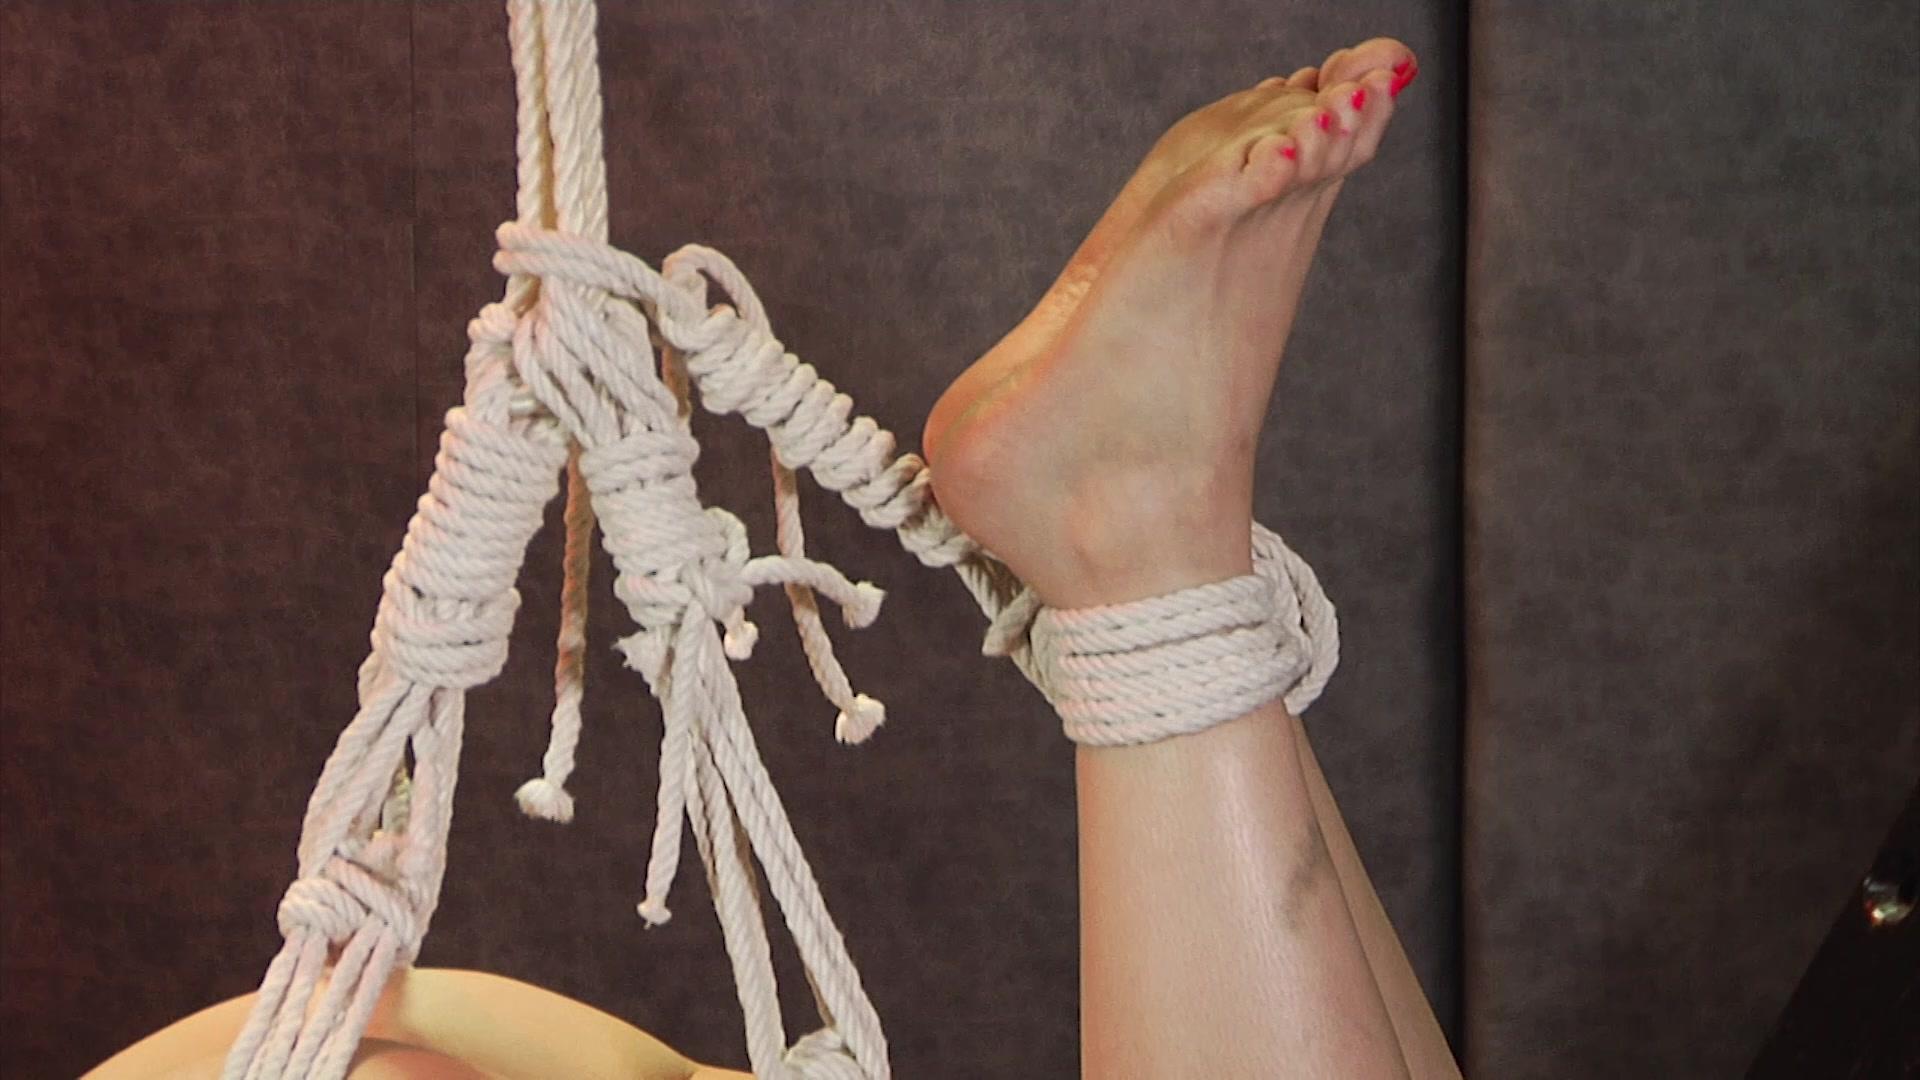 Amature bride in panties